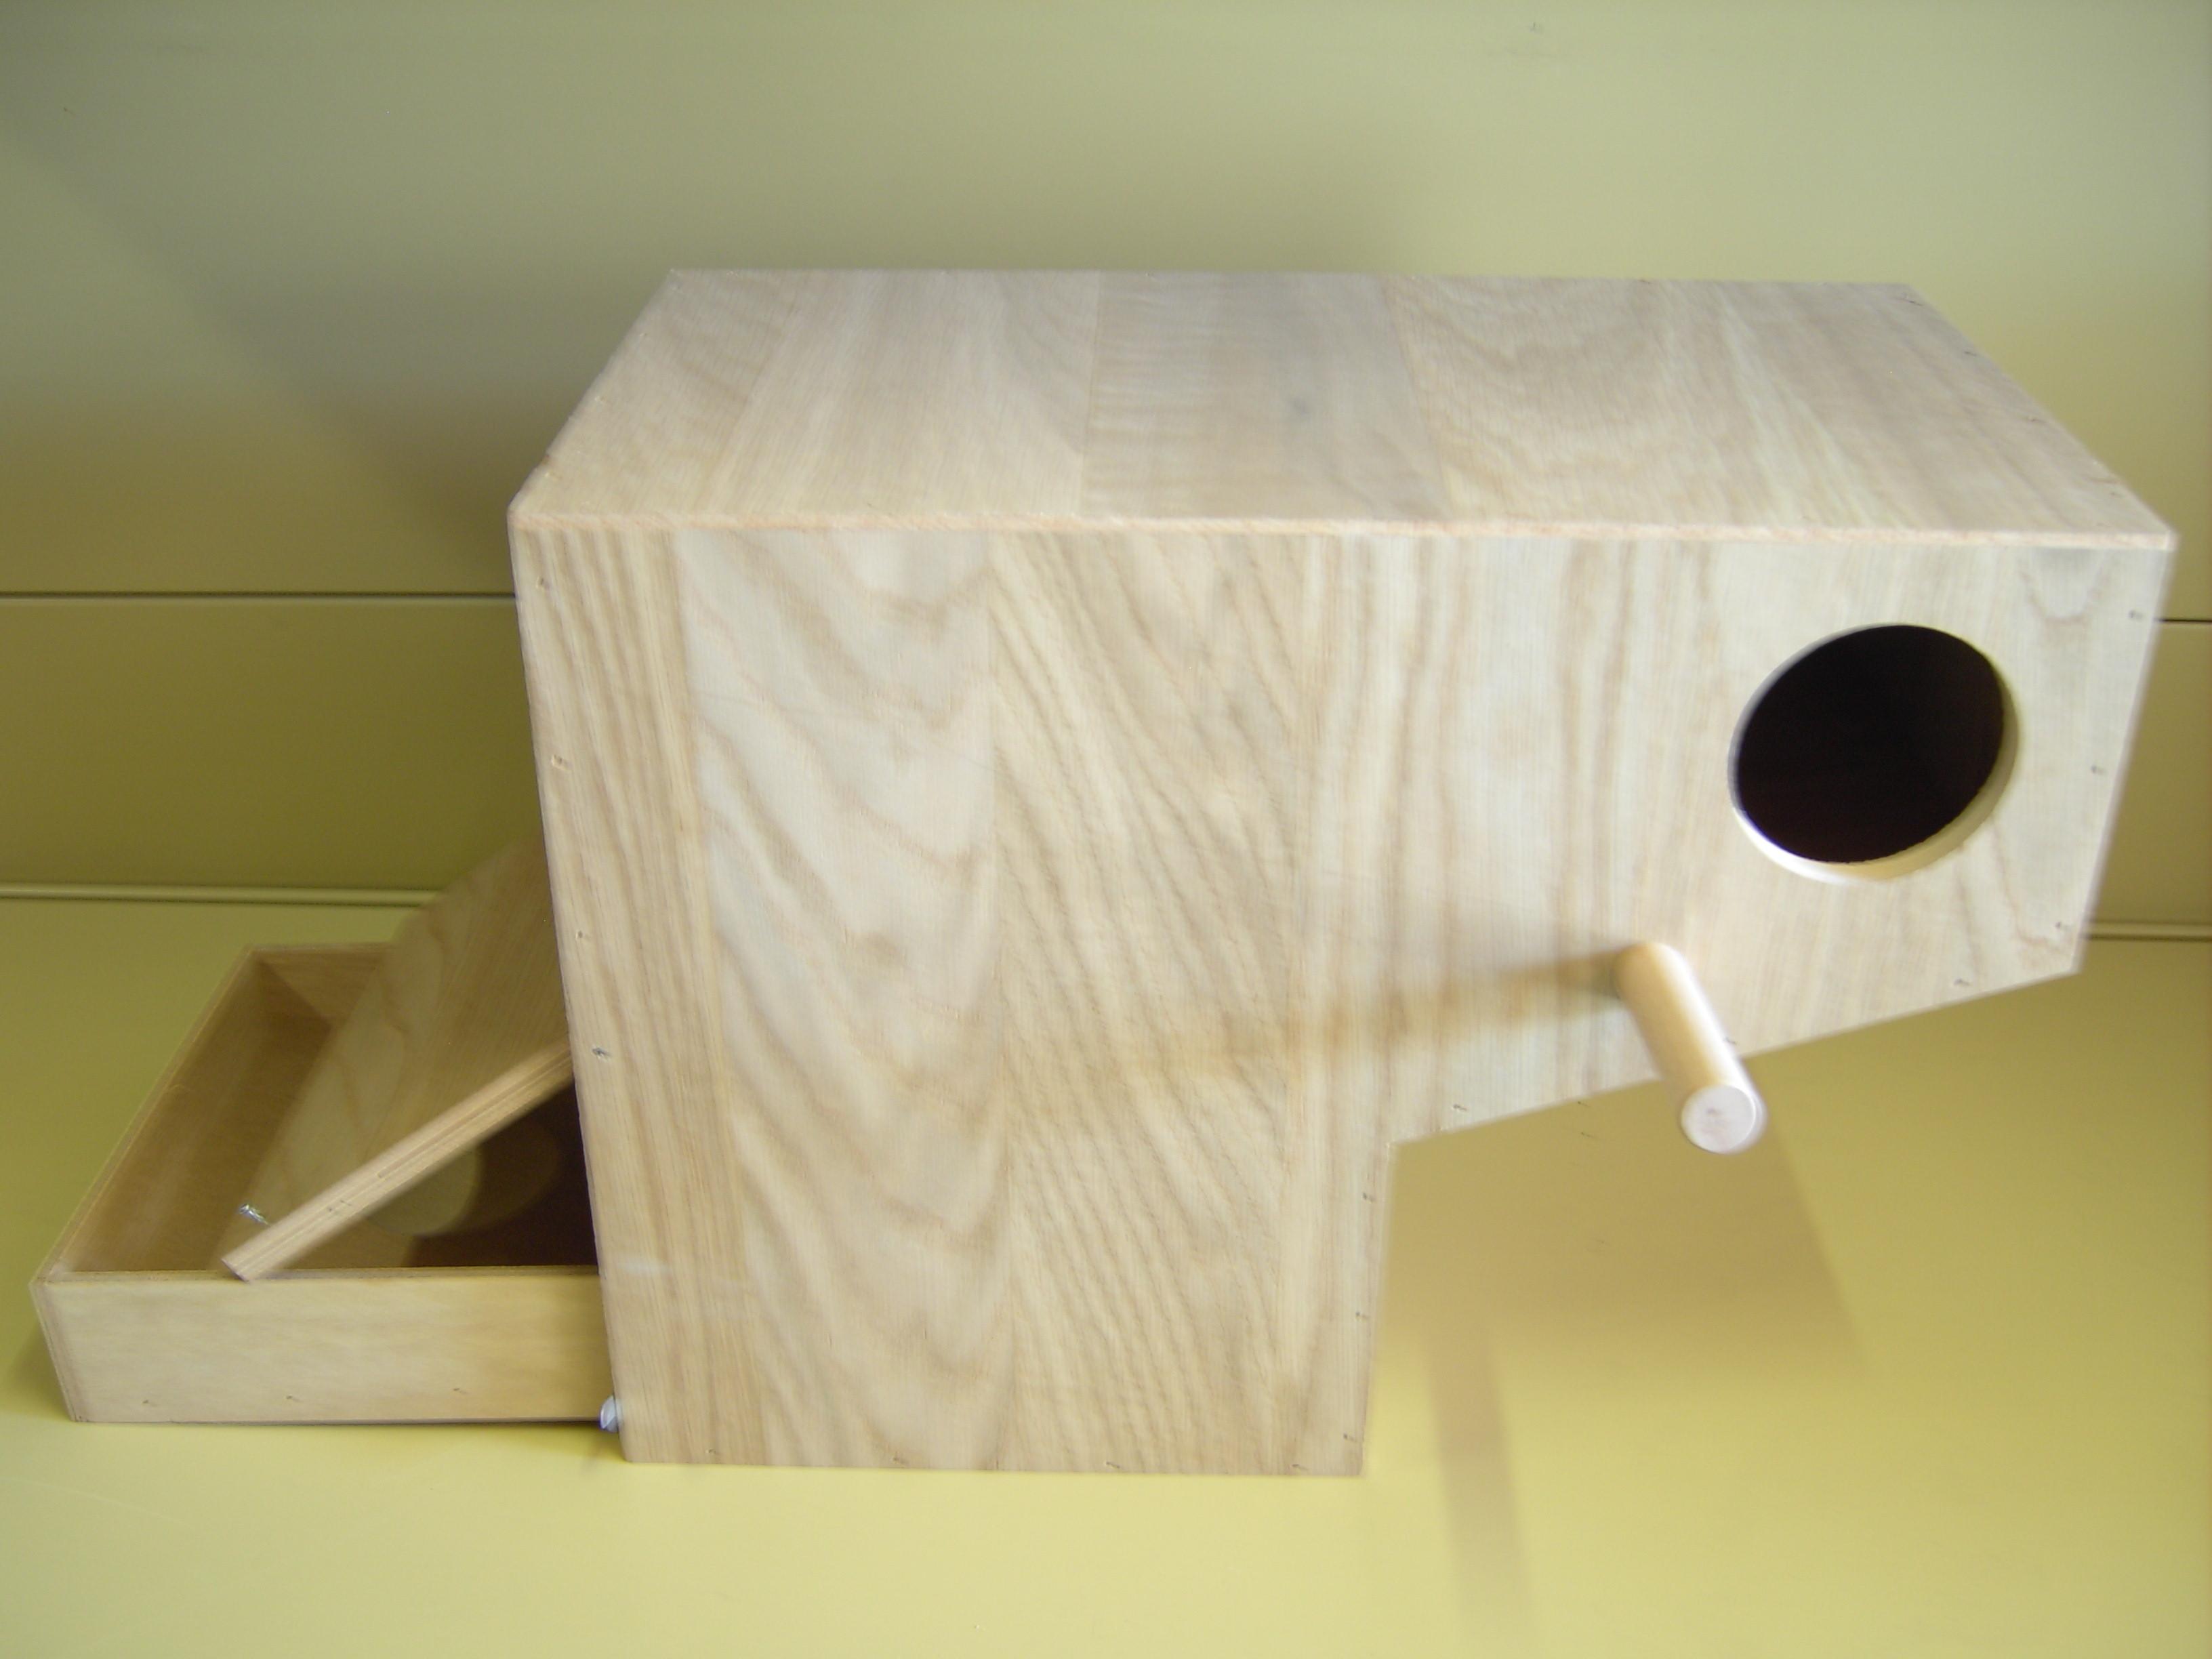 nistkasten holz f r gro sittiche z b alexandersittiche. Black Bedroom Furniture Sets. Home Design Ideas